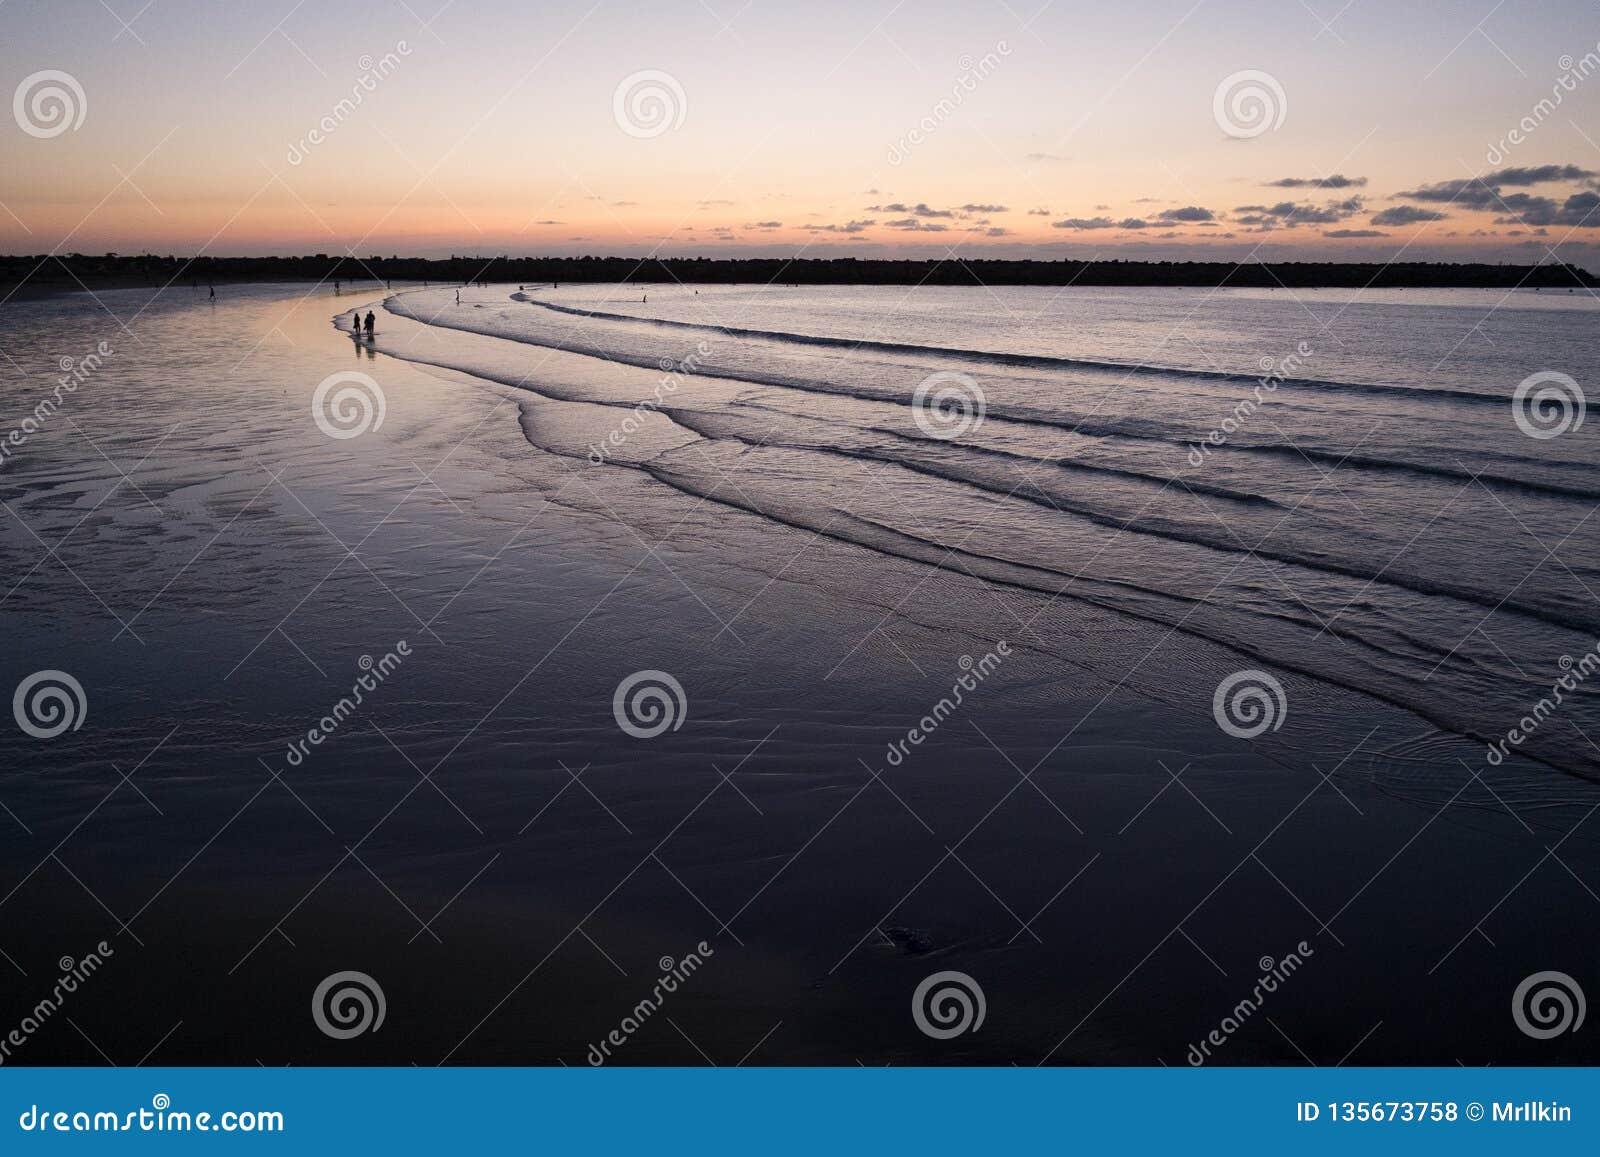 Schattenbilder von Leuten auf der Glättung des Strandes